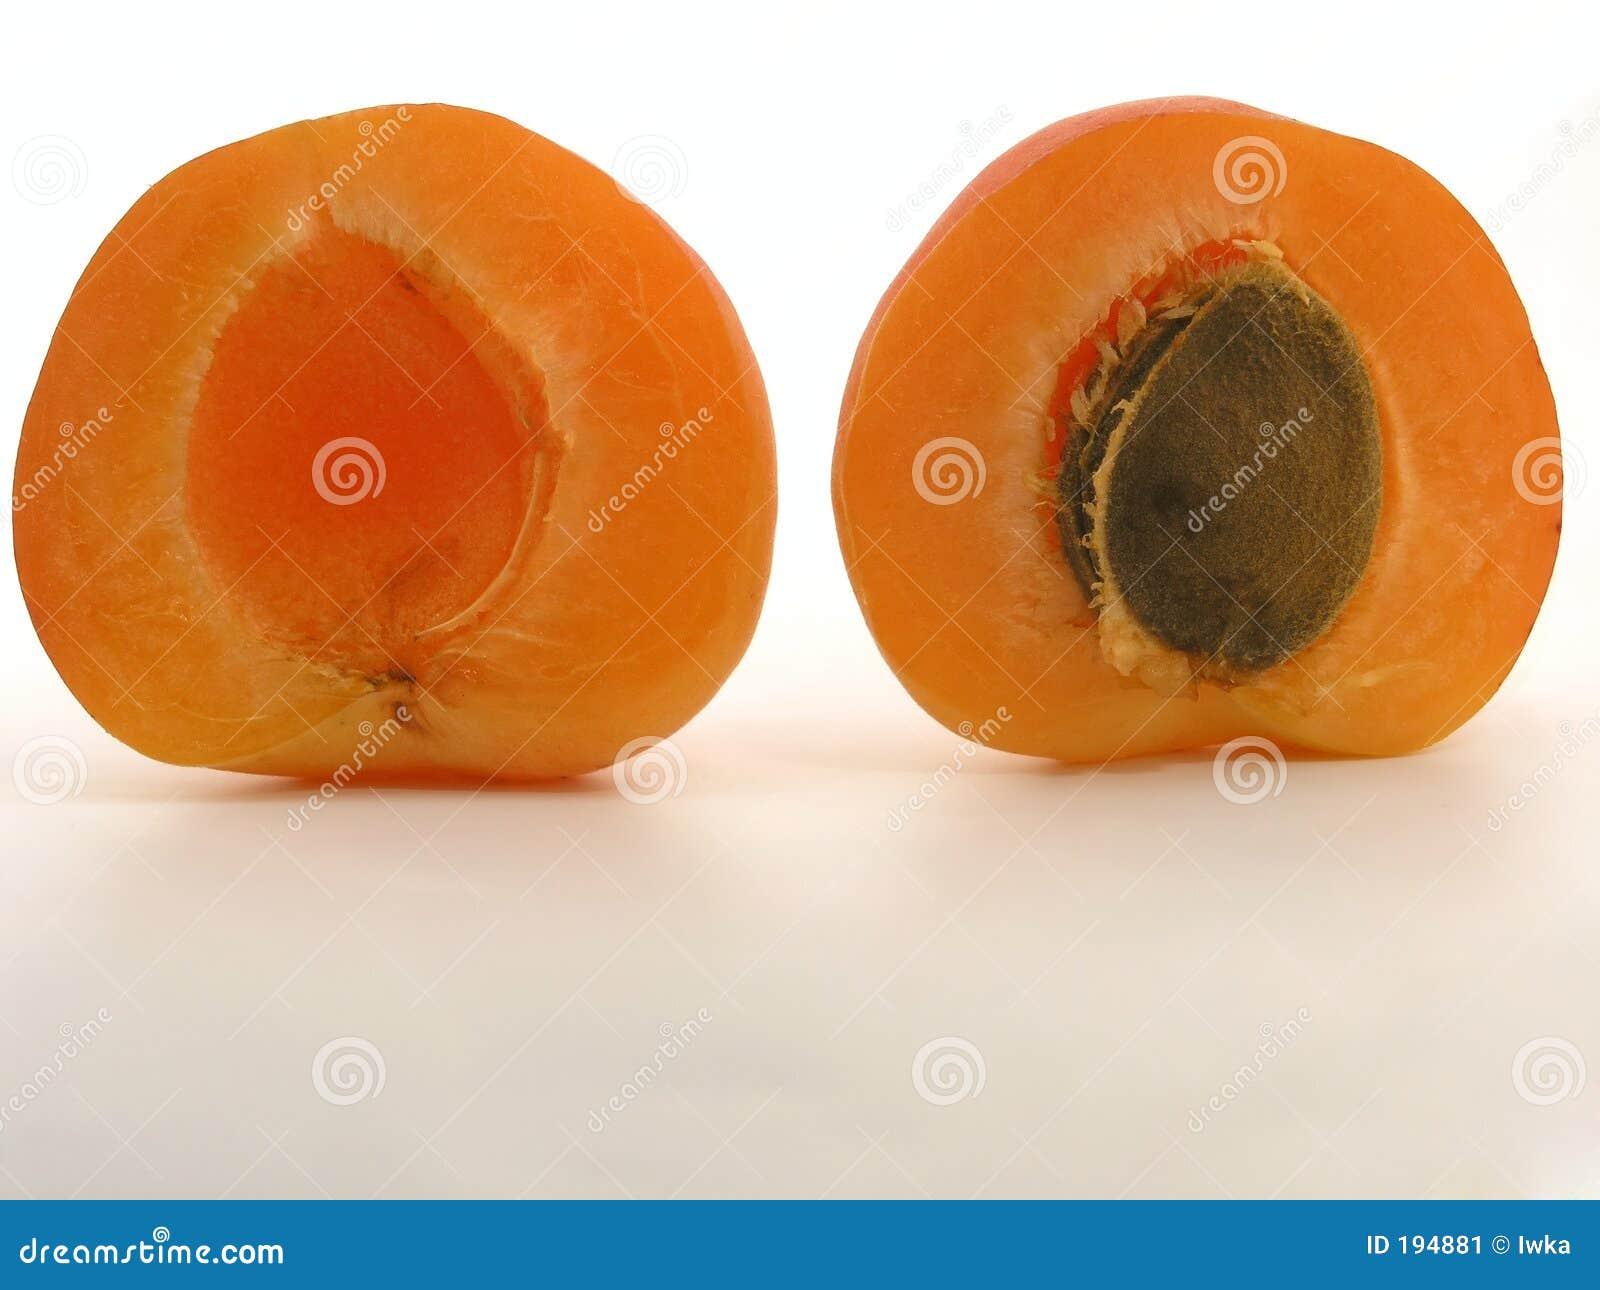 Download 杏子 库存图片. 图片 包括有 橙色, 新鲜, 肠痈, 可口, 鲜美, 健朗, 滋补, 附属程序, 背包, 空白 - 194881